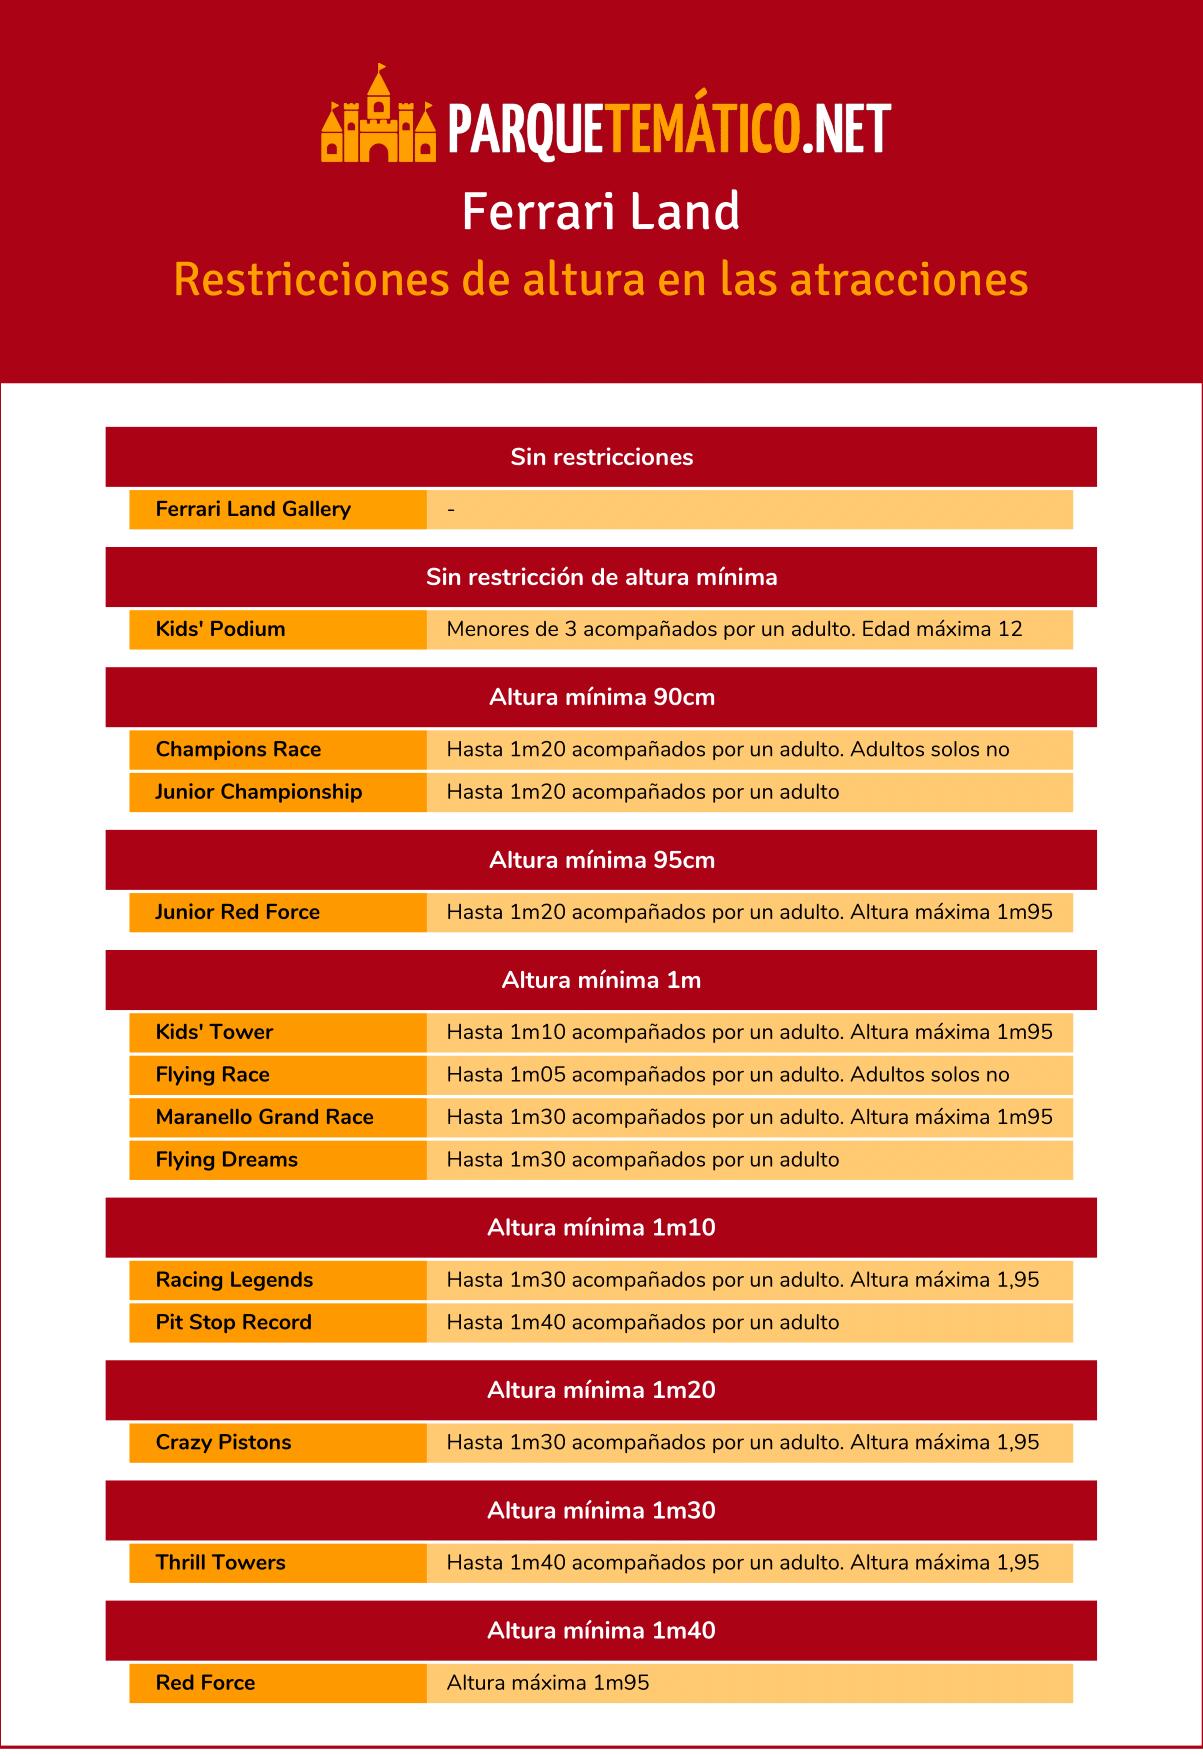 Lista de atracciones de Ferrari Land ordenadas por altura minima necesaria para montar